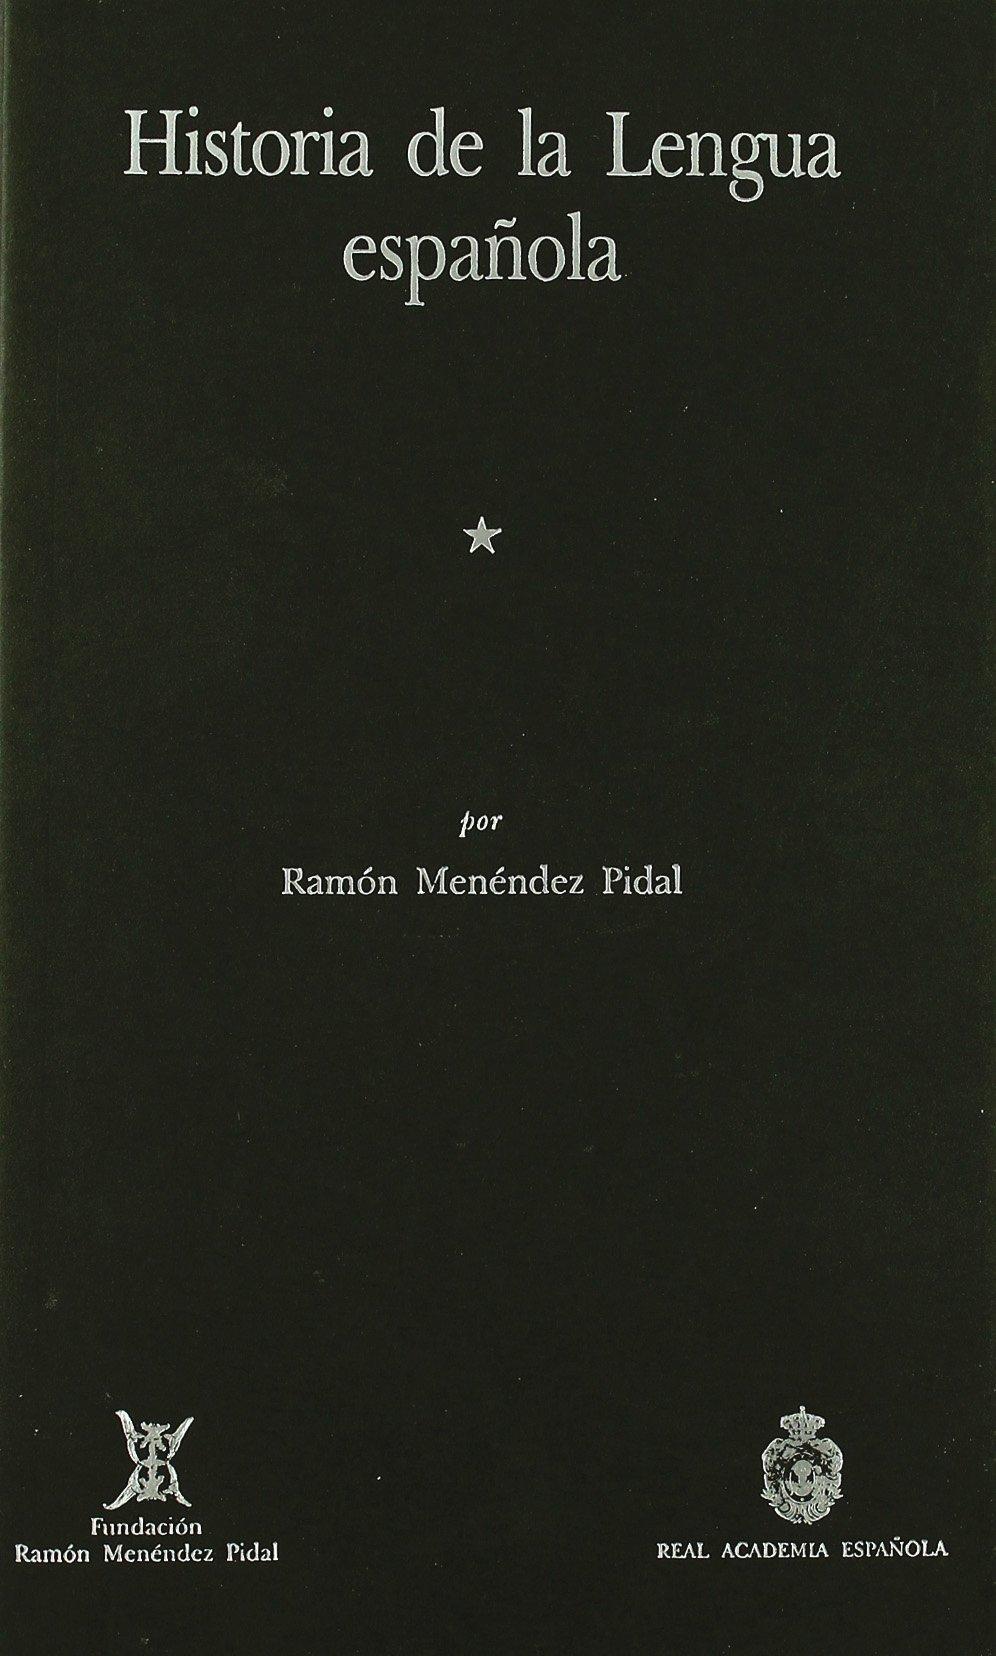 Historia de la lengua española: Amazon.es: Menéndez Pidal, Ramón: Libros